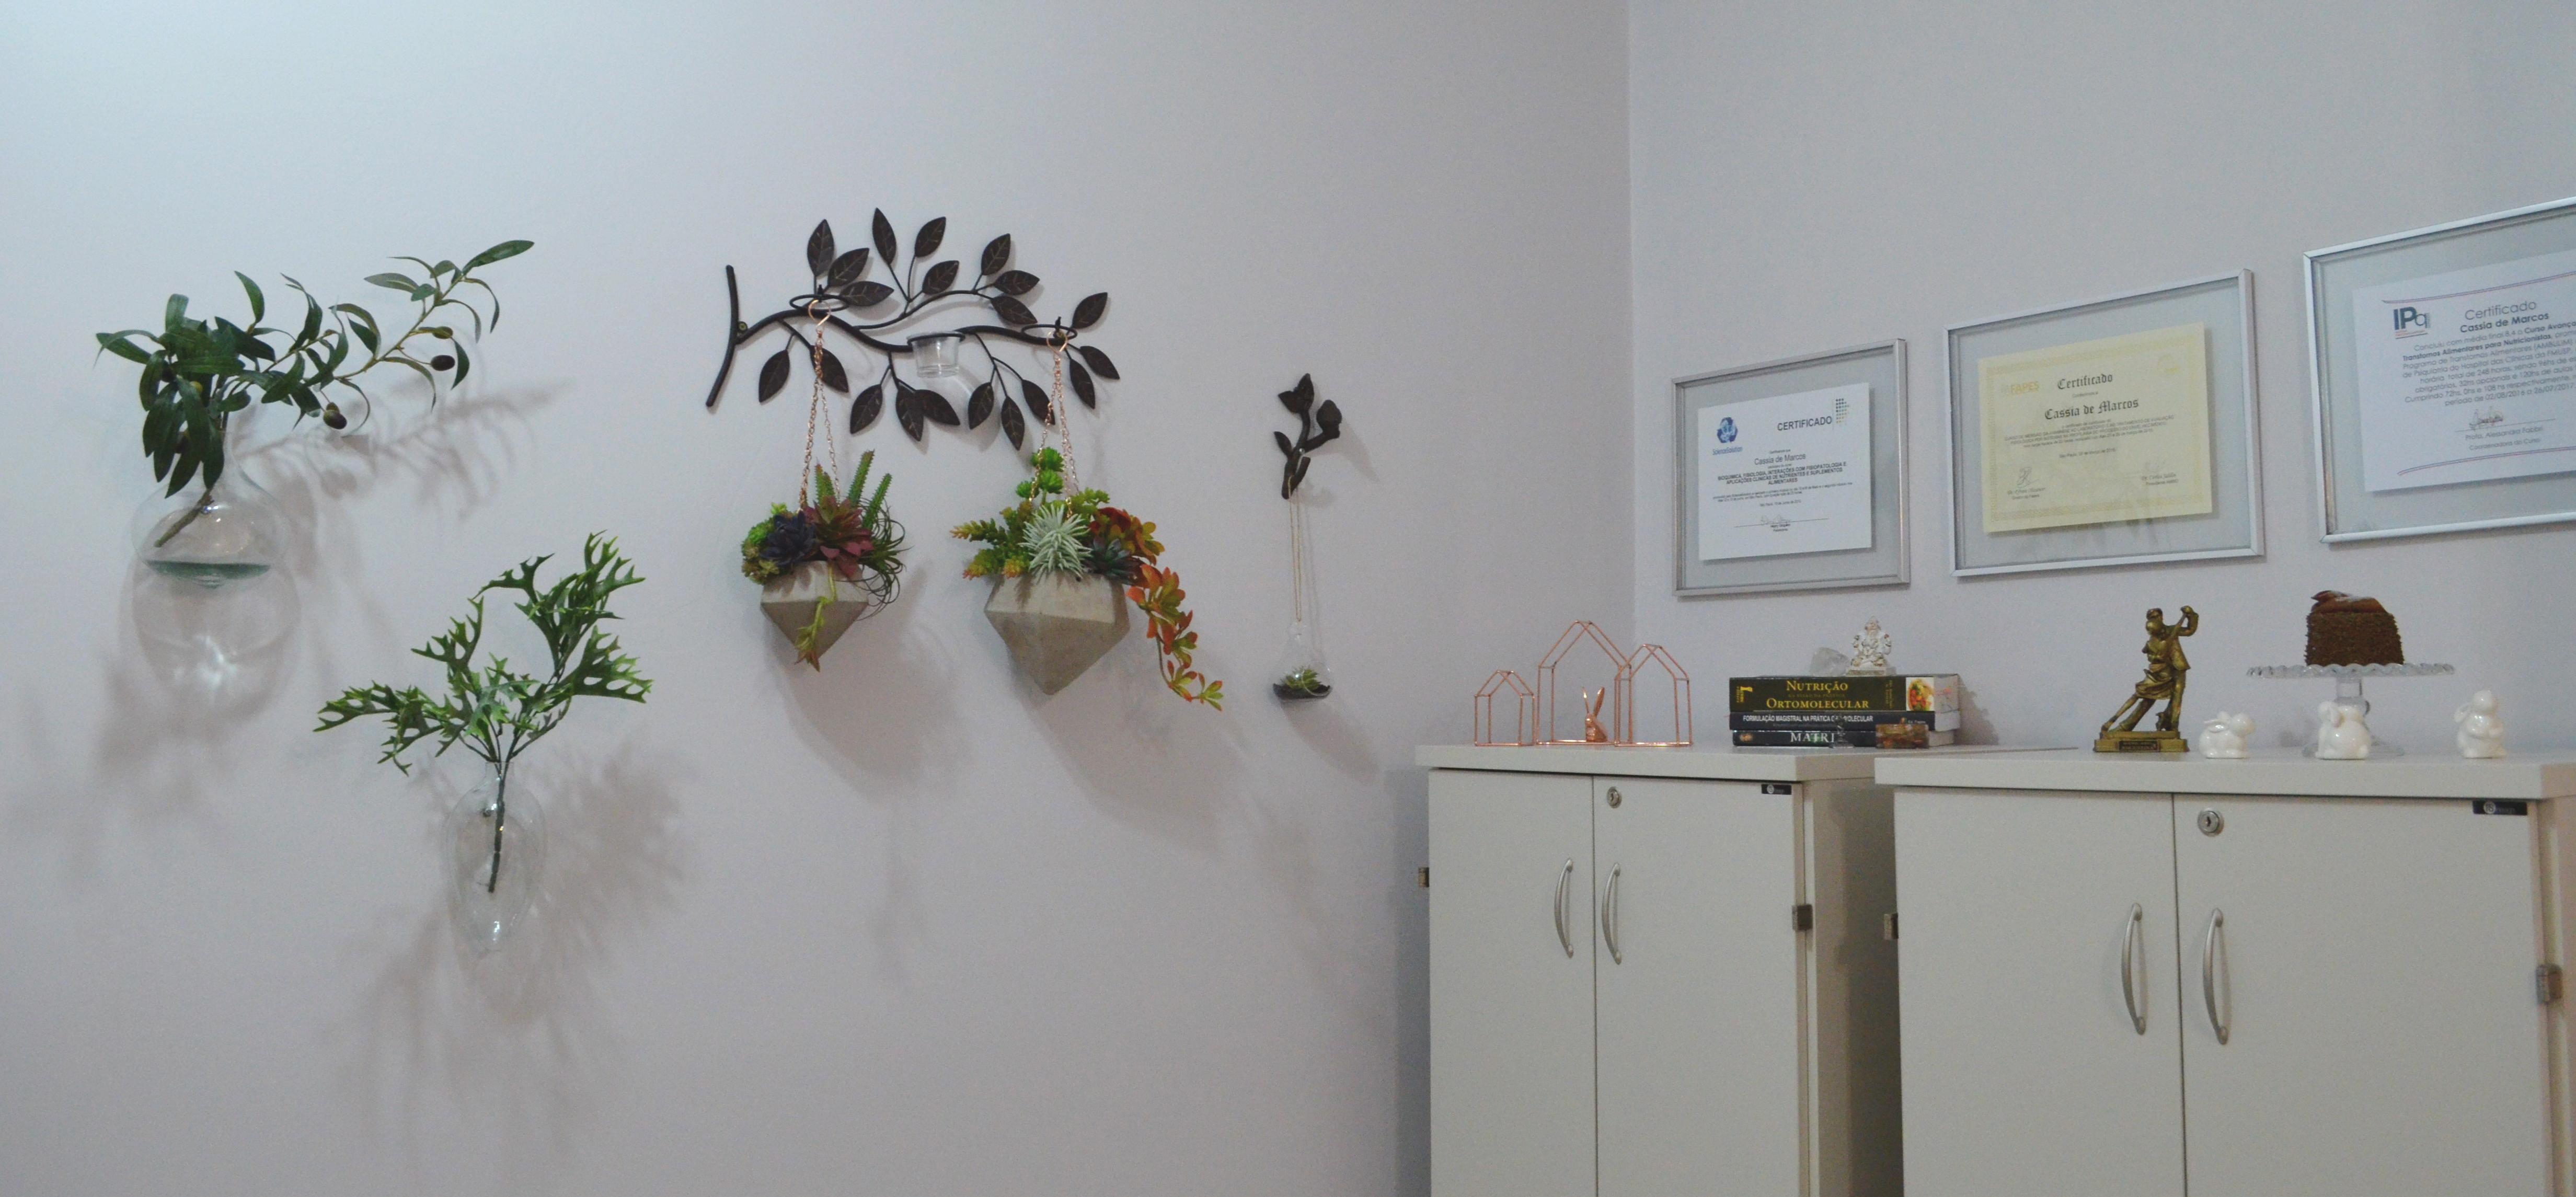 Nutricionista Cassia - Terapeuta Nutricional